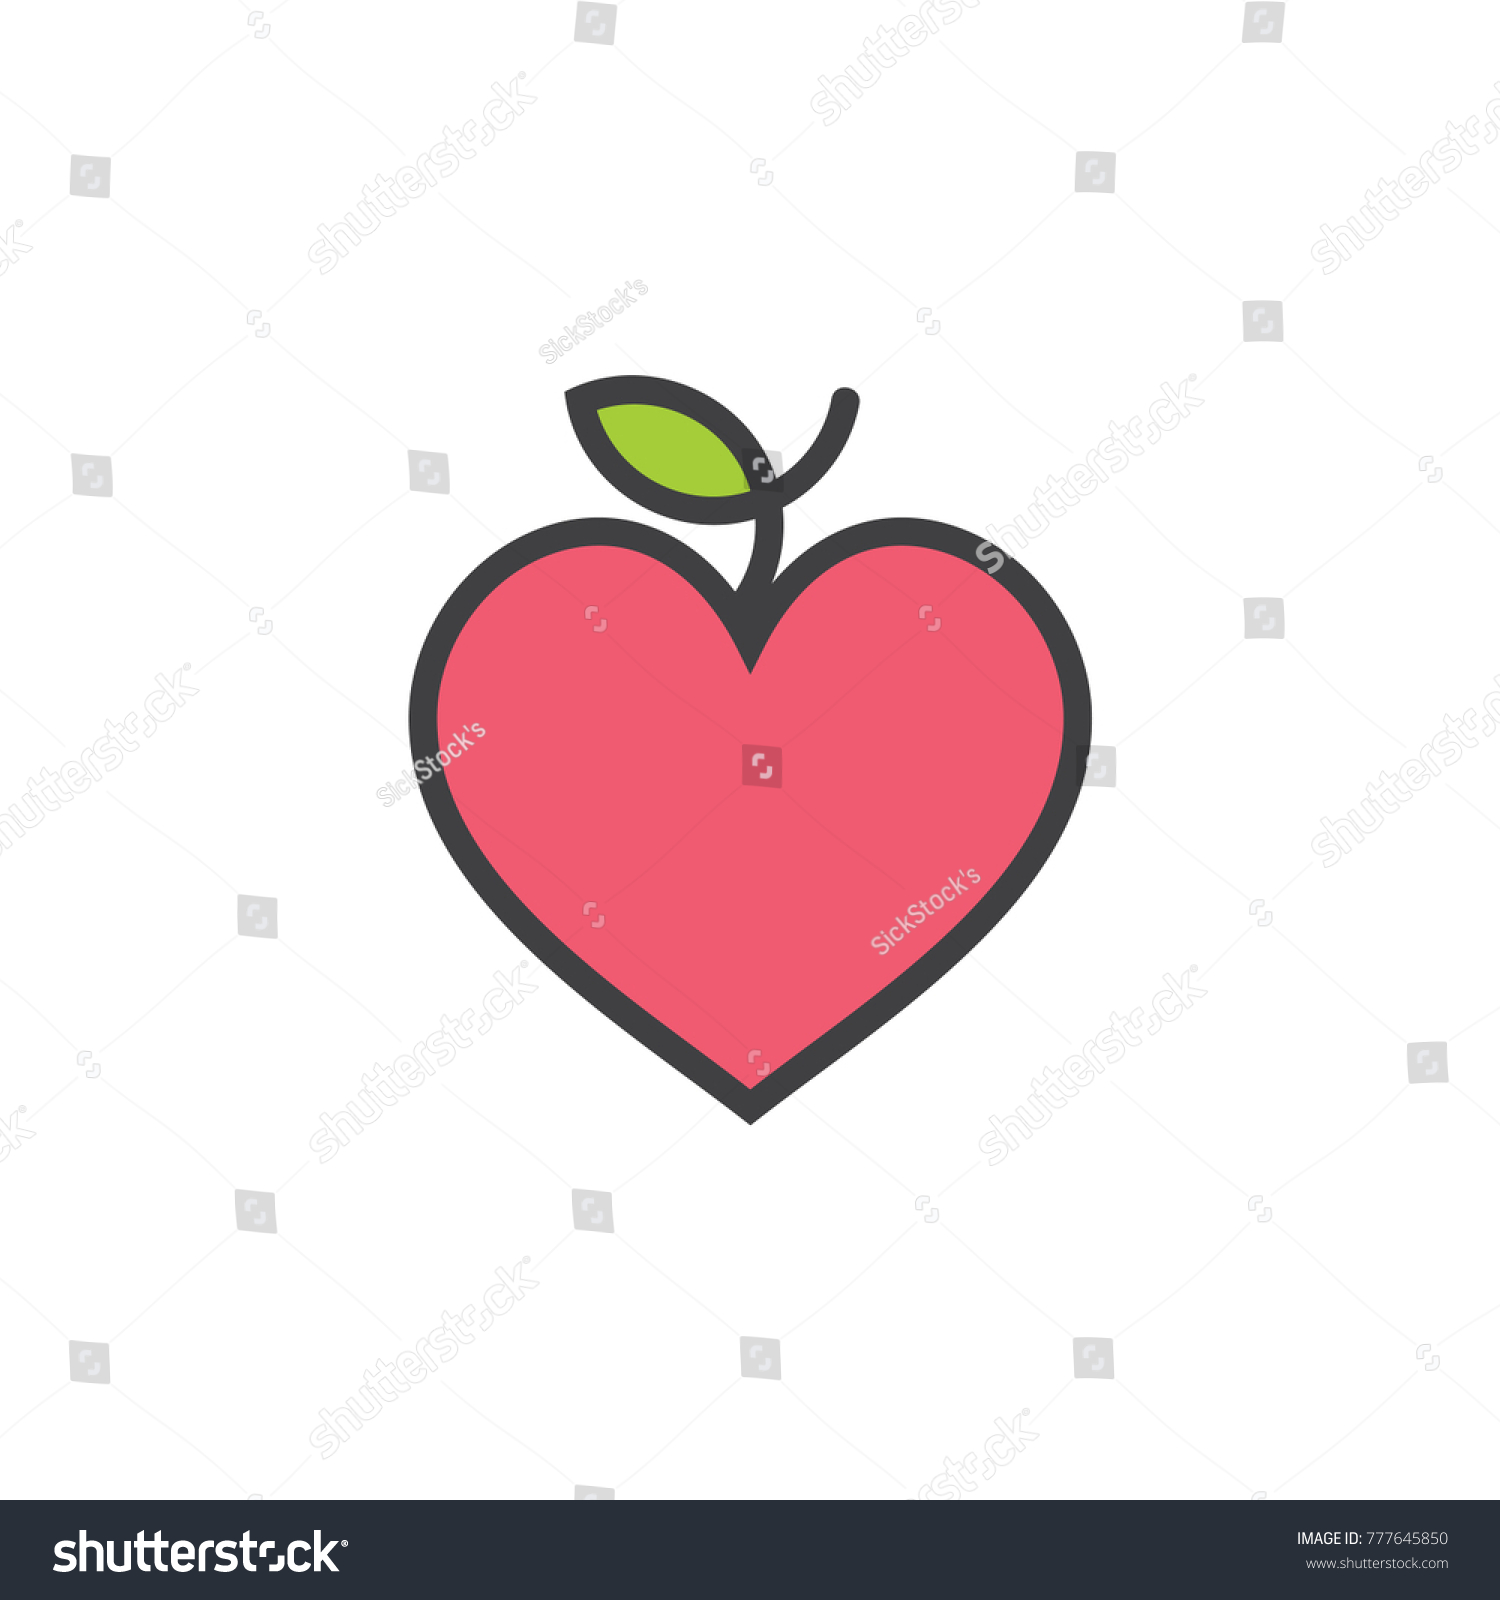 Love heart apple fruit symbol logo stock vector 777645850 love heart apple fruit symbol logo biocorpaavc